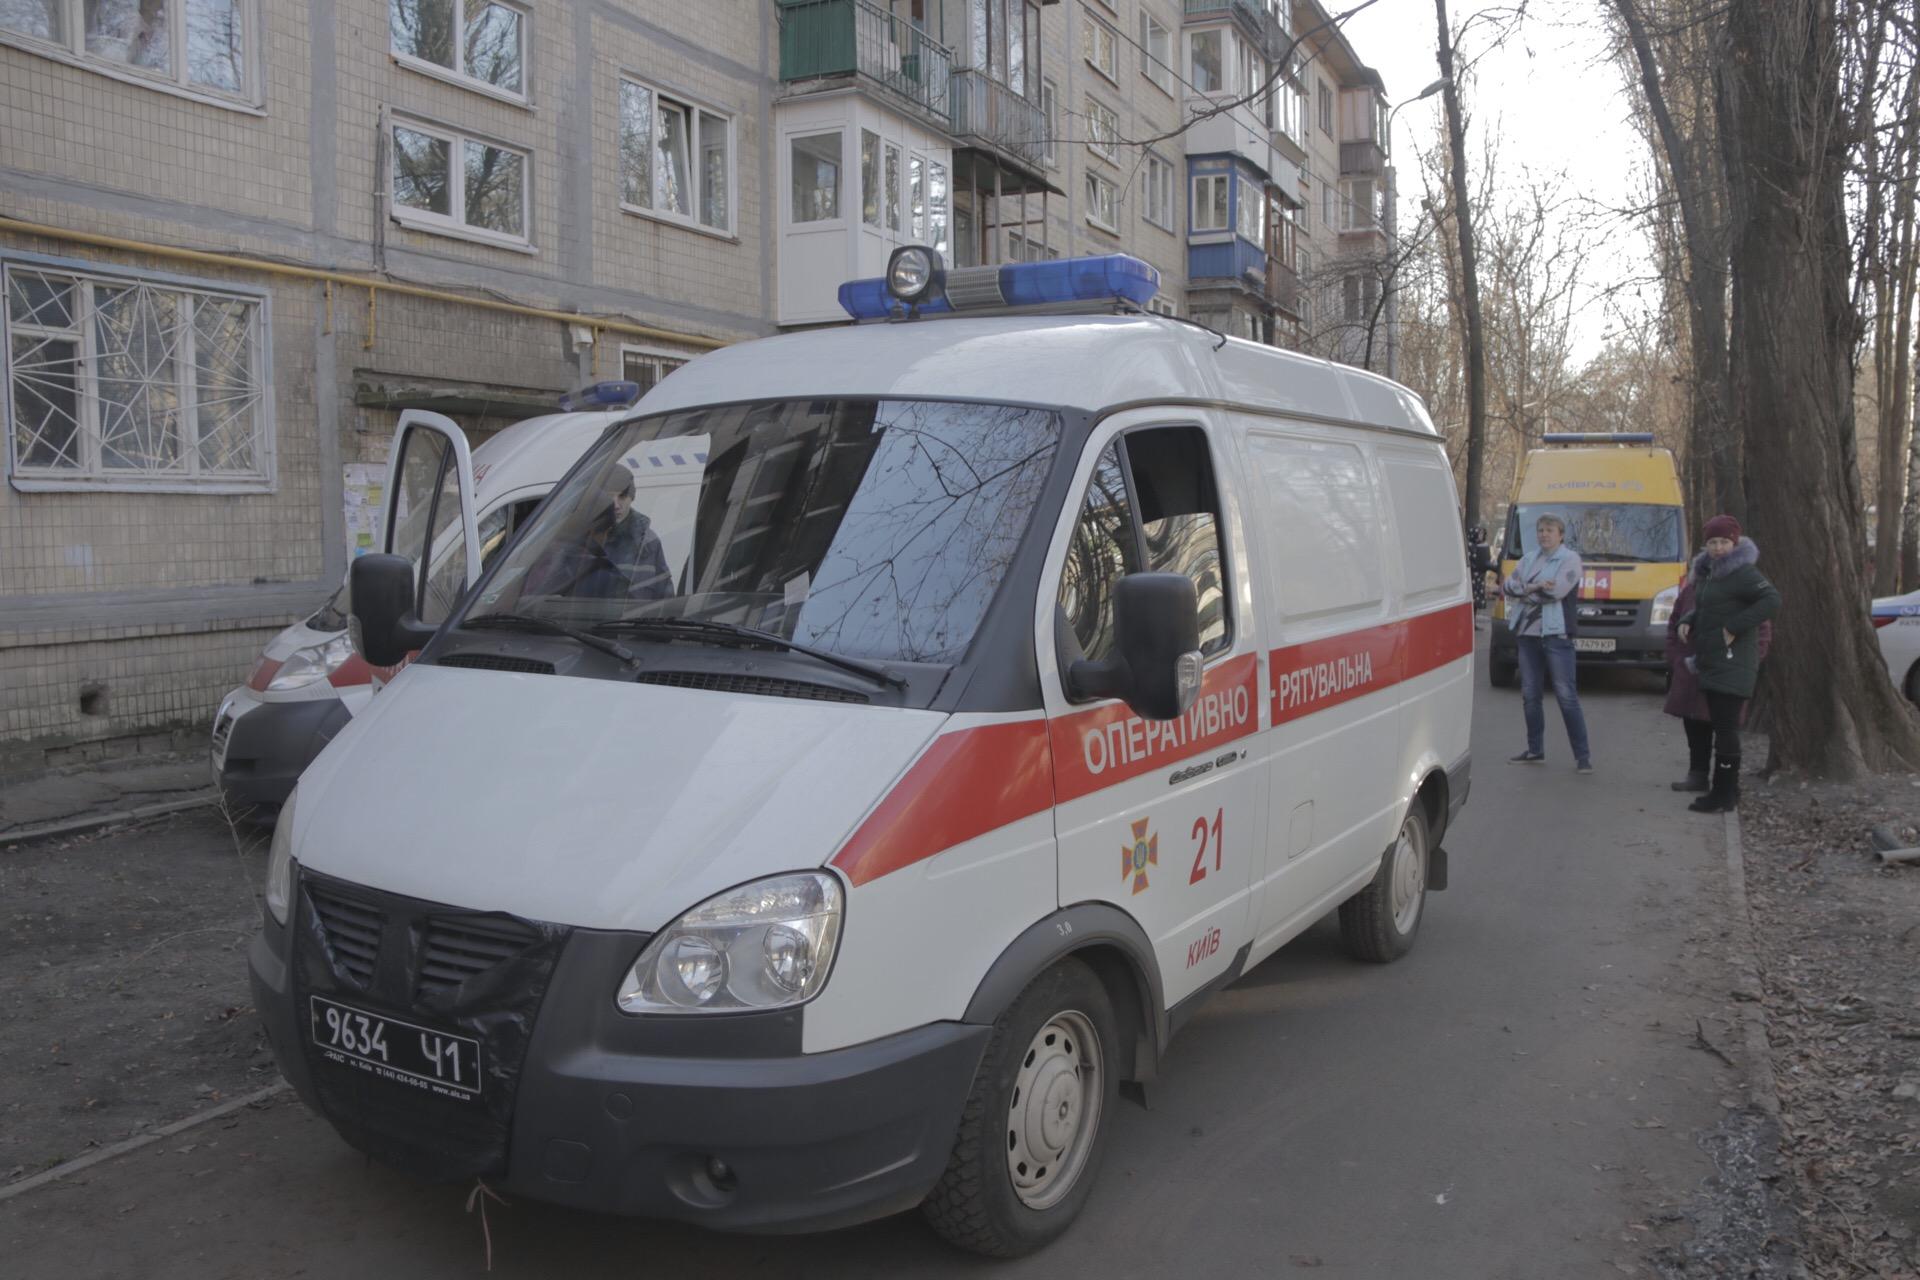 На месте работали пять единиц основной и специальной техники спасателей, а также дежурили медики и патрульные